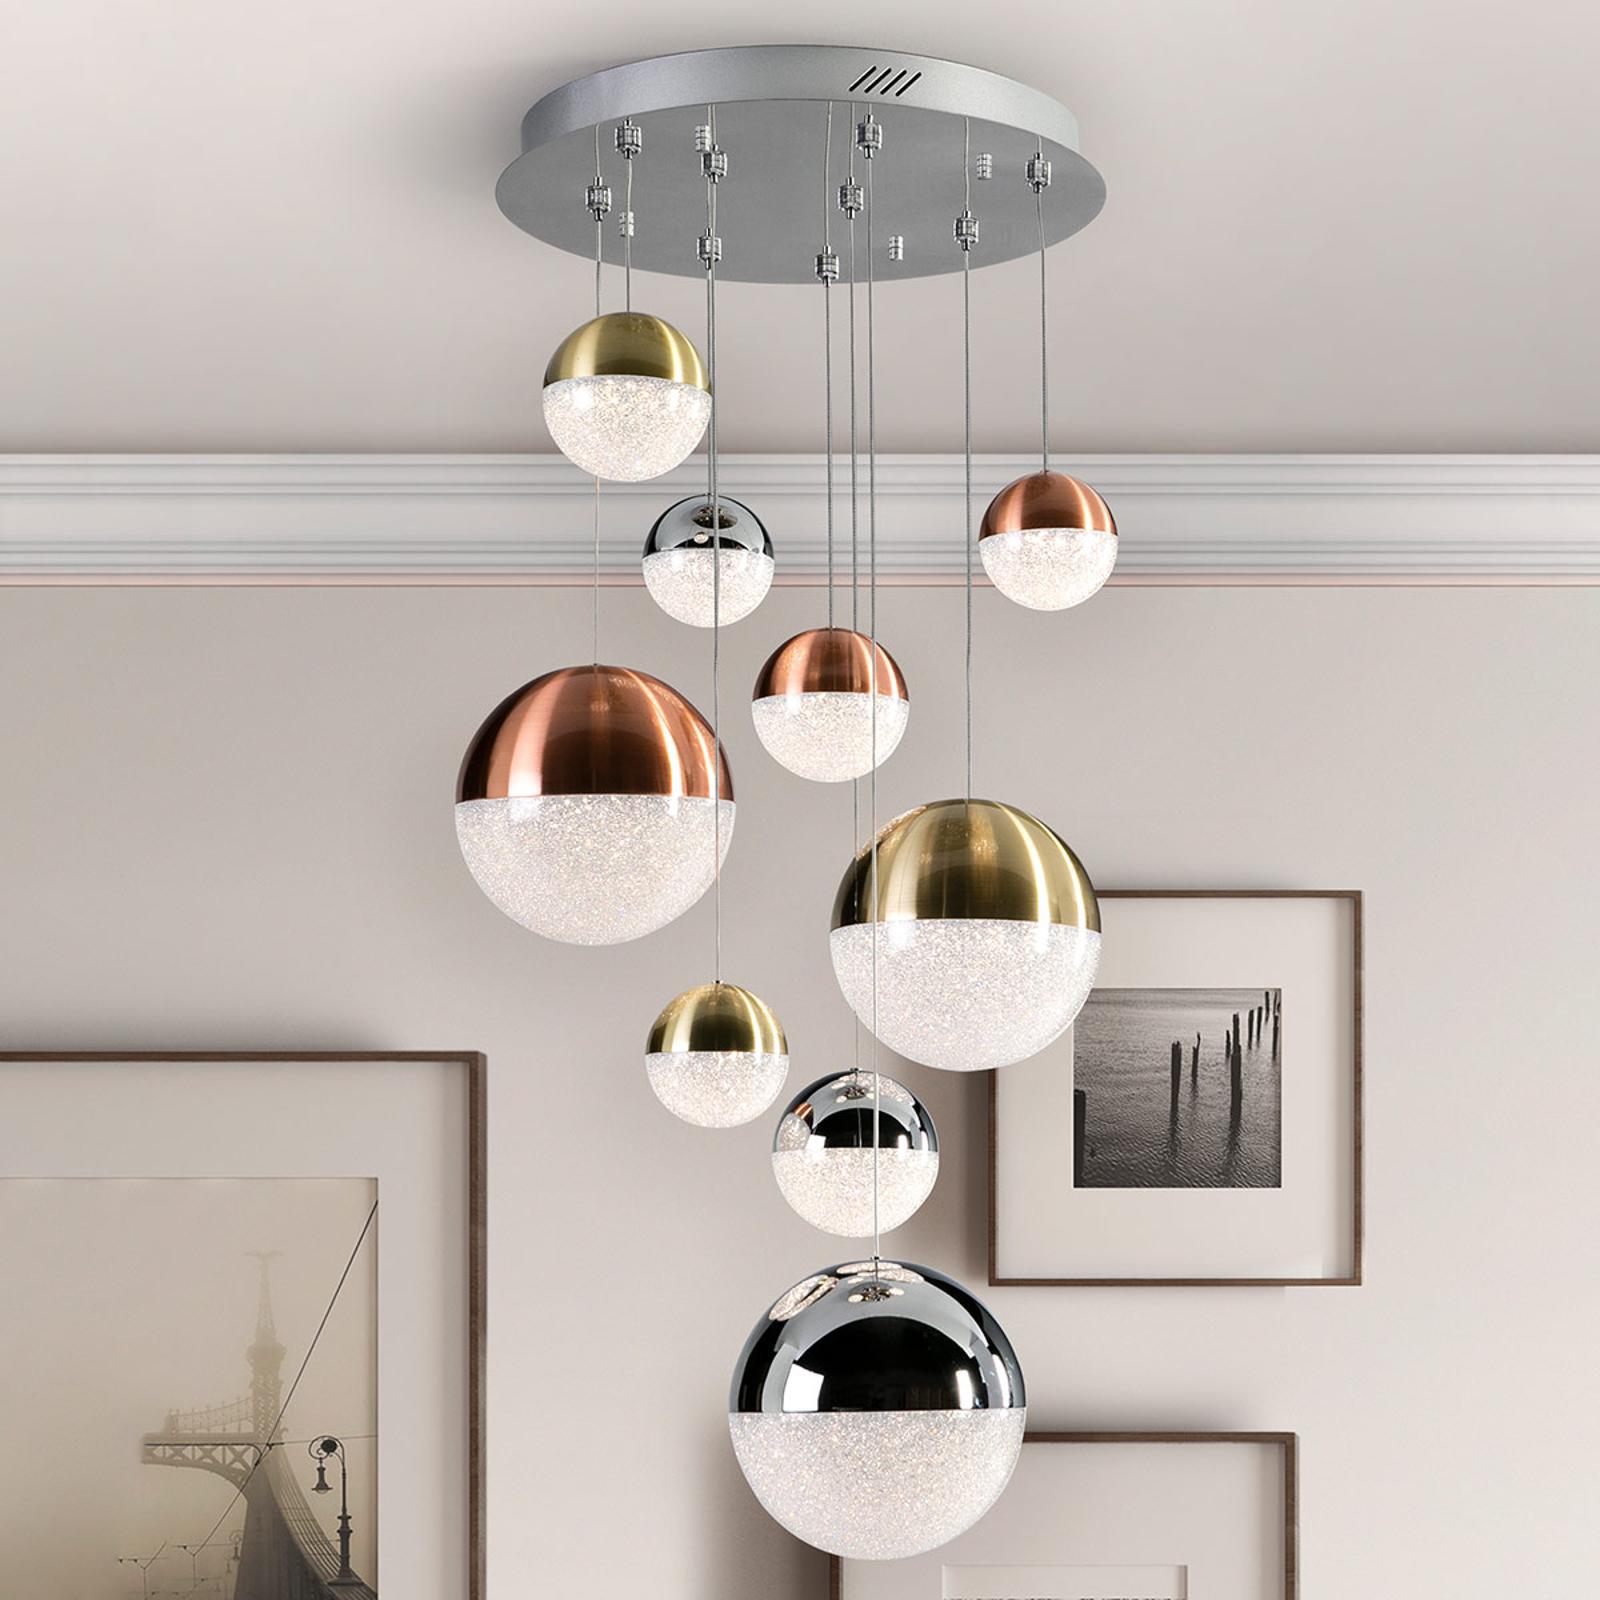 LED-Hängeleuchte Sphere, multicolour 9-flammig App